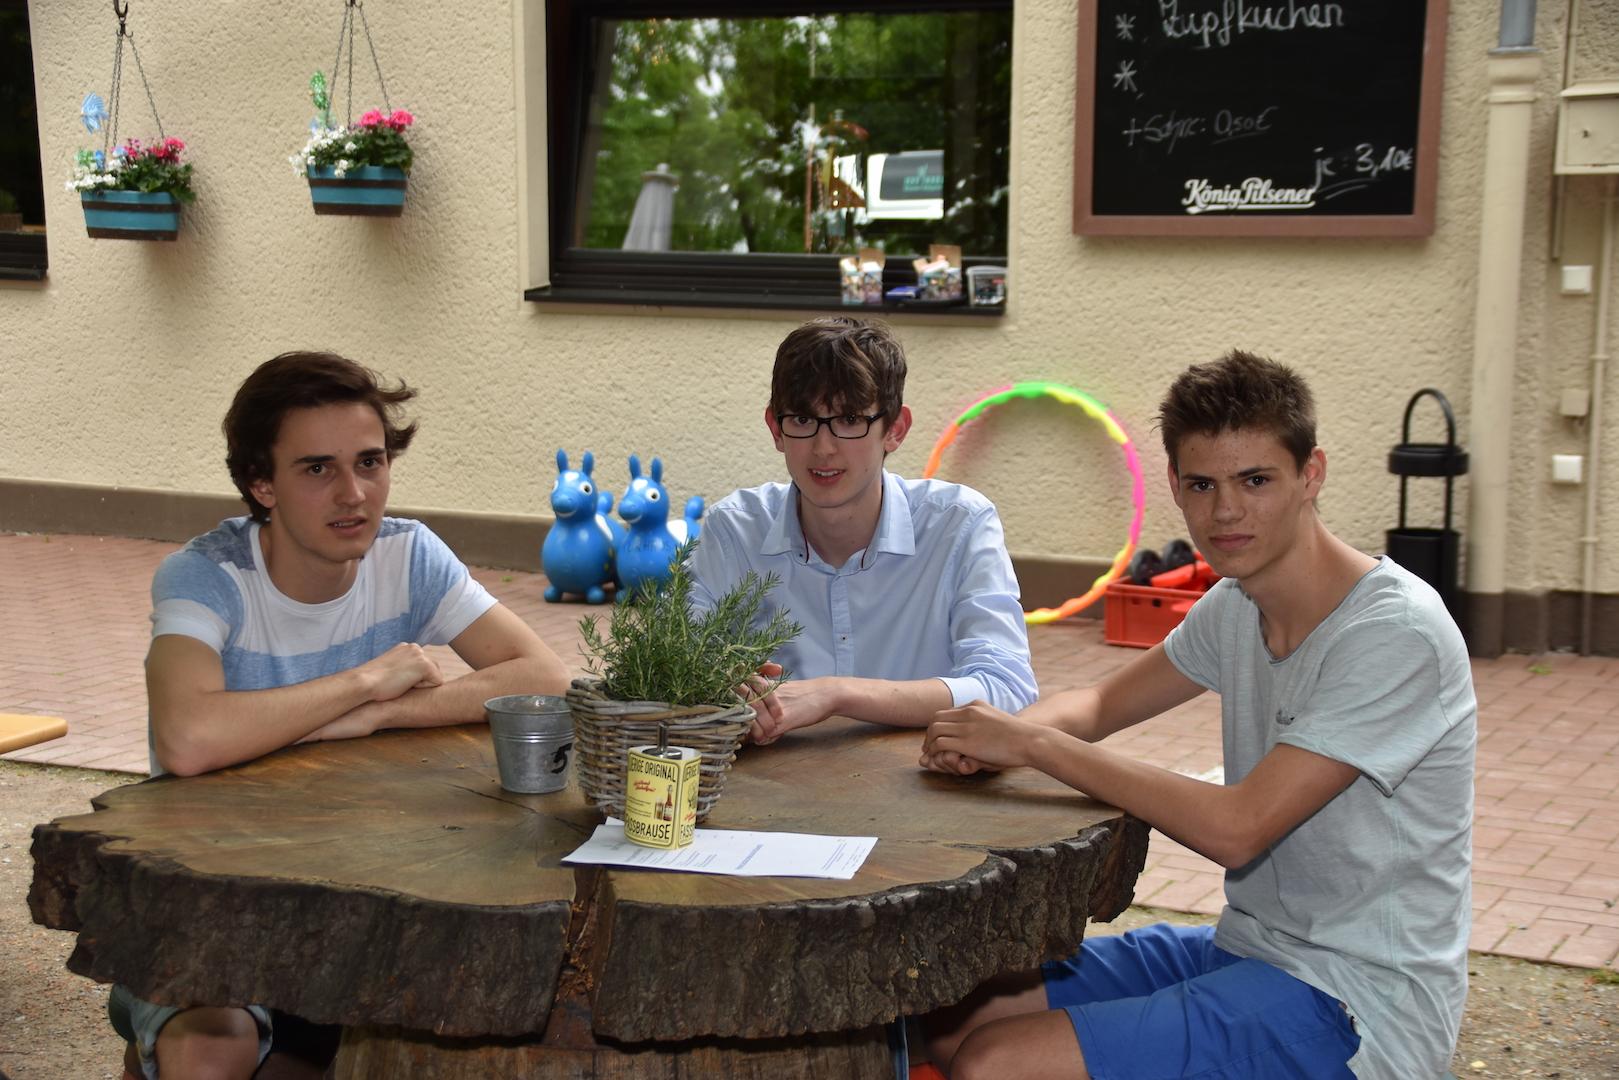 Neues sch ler projekt trio f r die werbung lokalb ro d sseldorf - Nicolas kleine architect ...